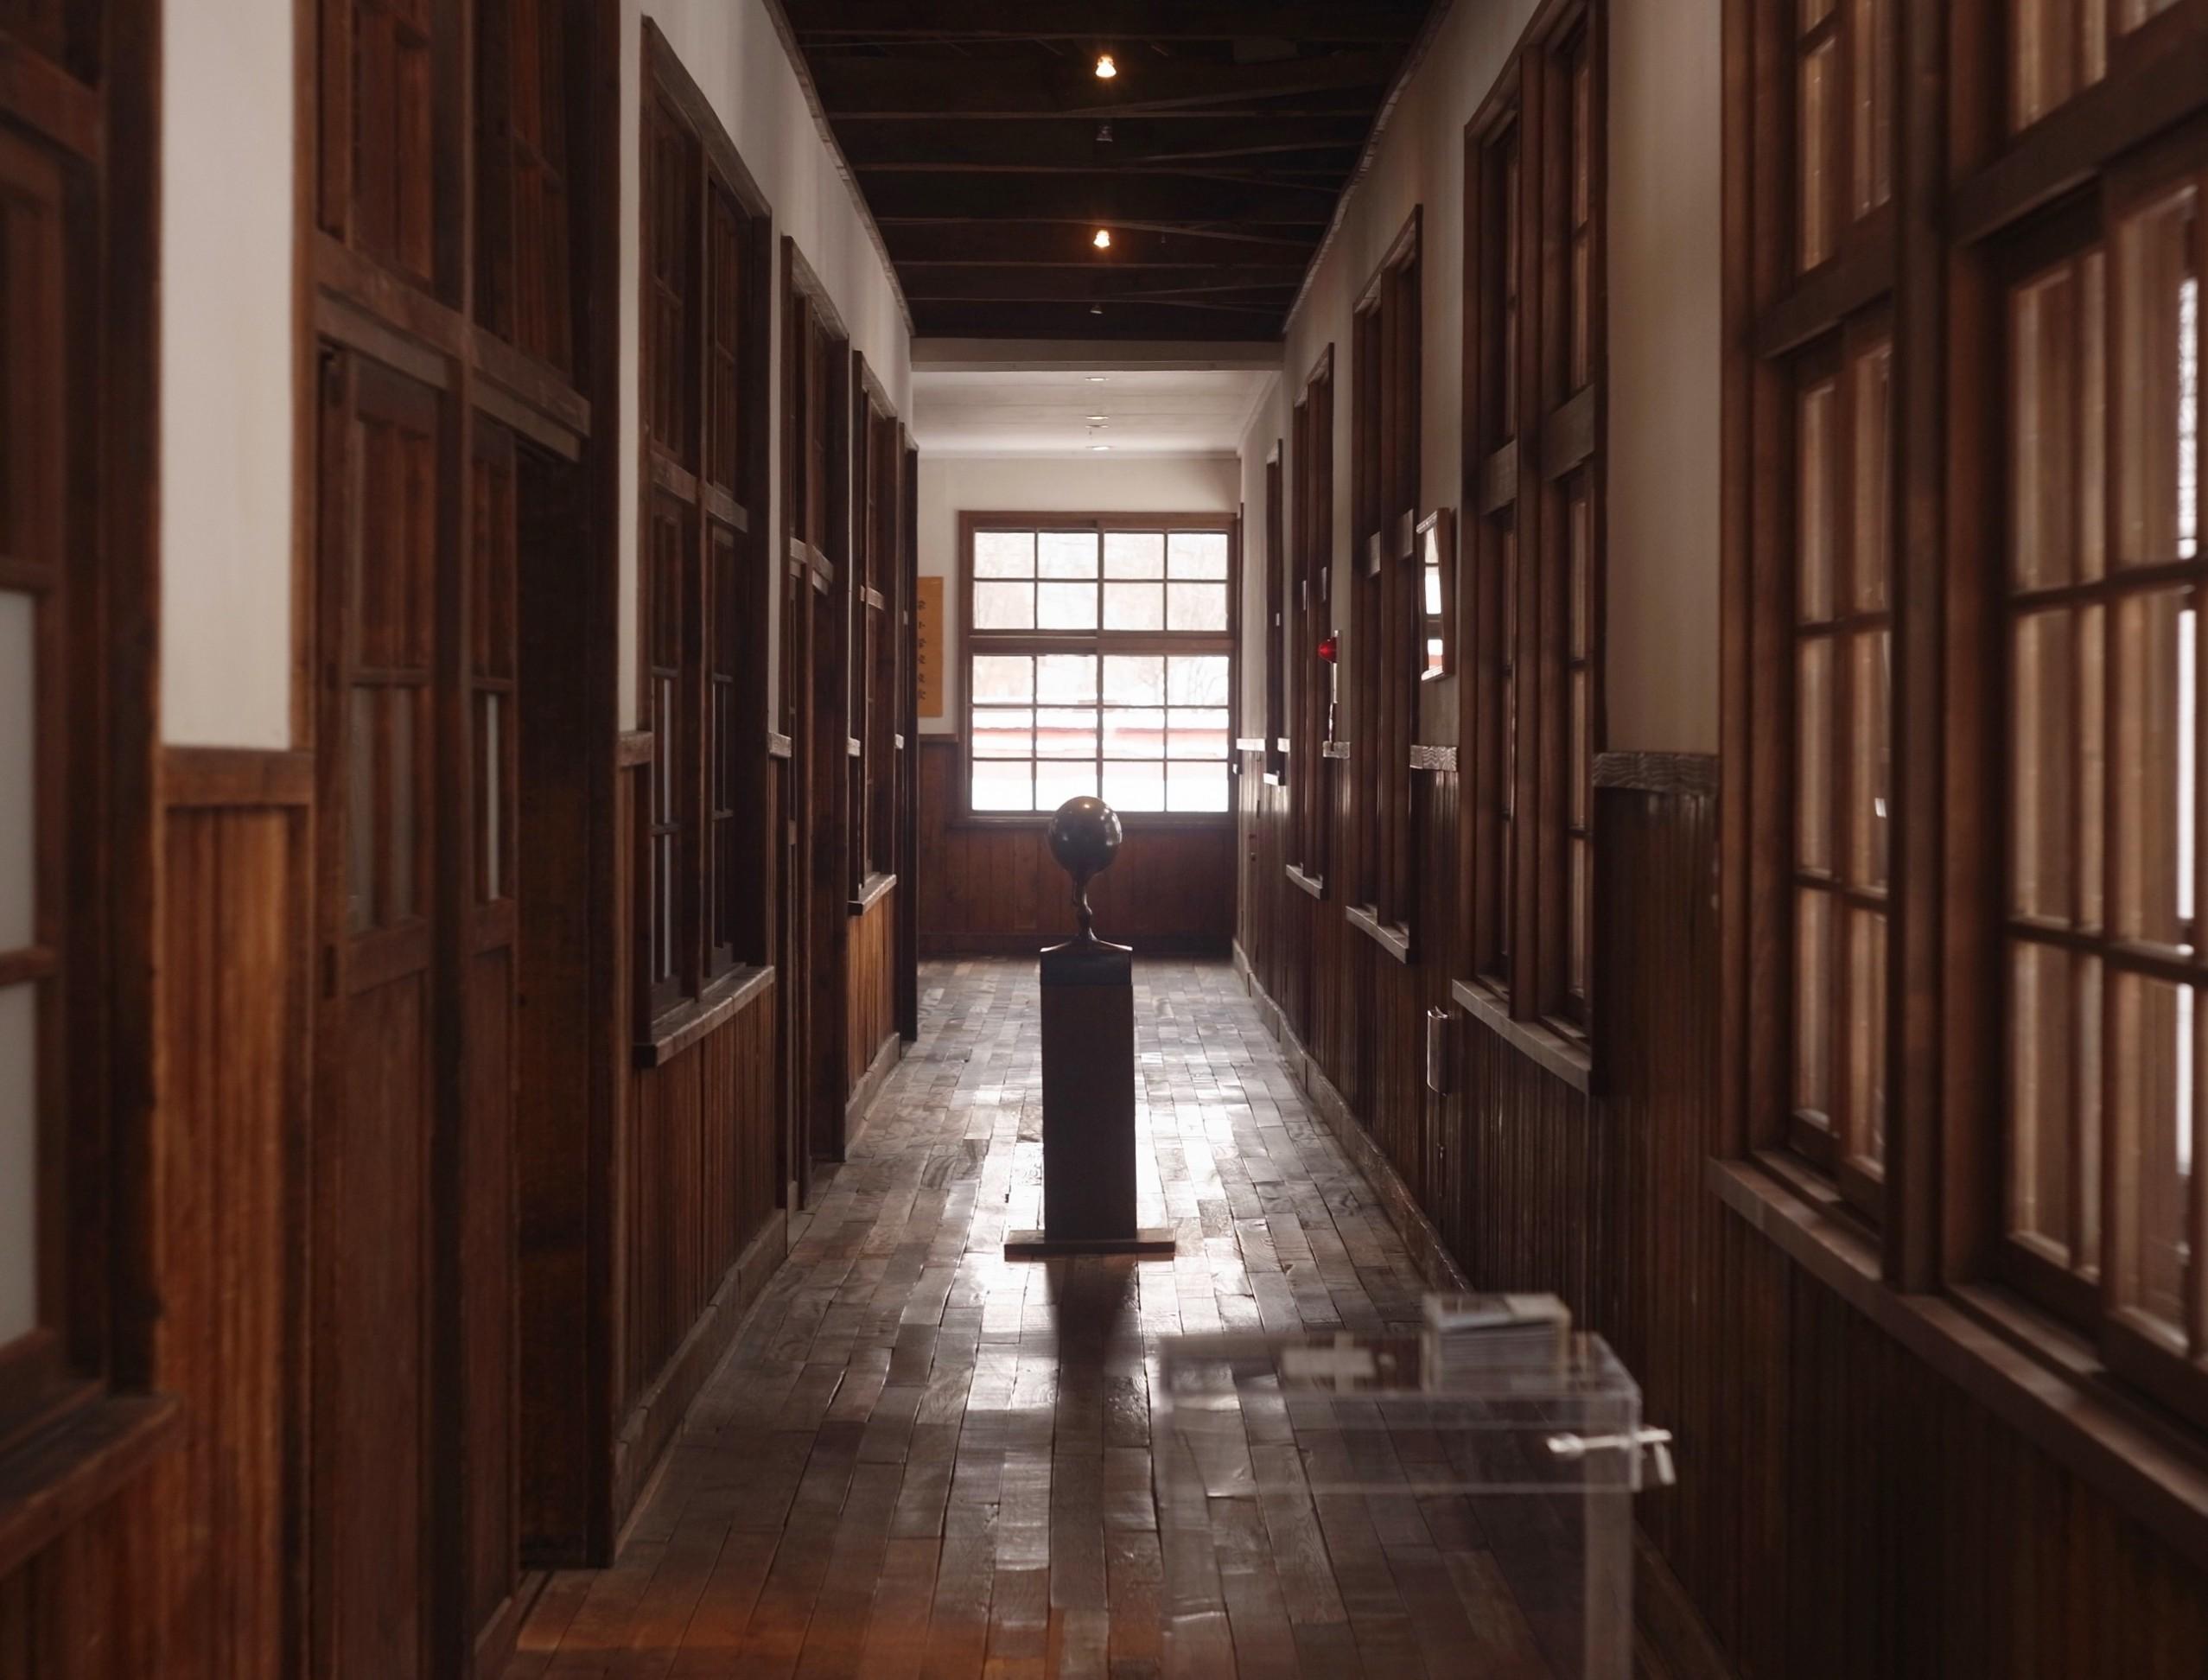 アルテピアッツァ美唄 安田侃作「めばえ」 旧美唄市立栄小学校の廃校校舎内ギャラリー